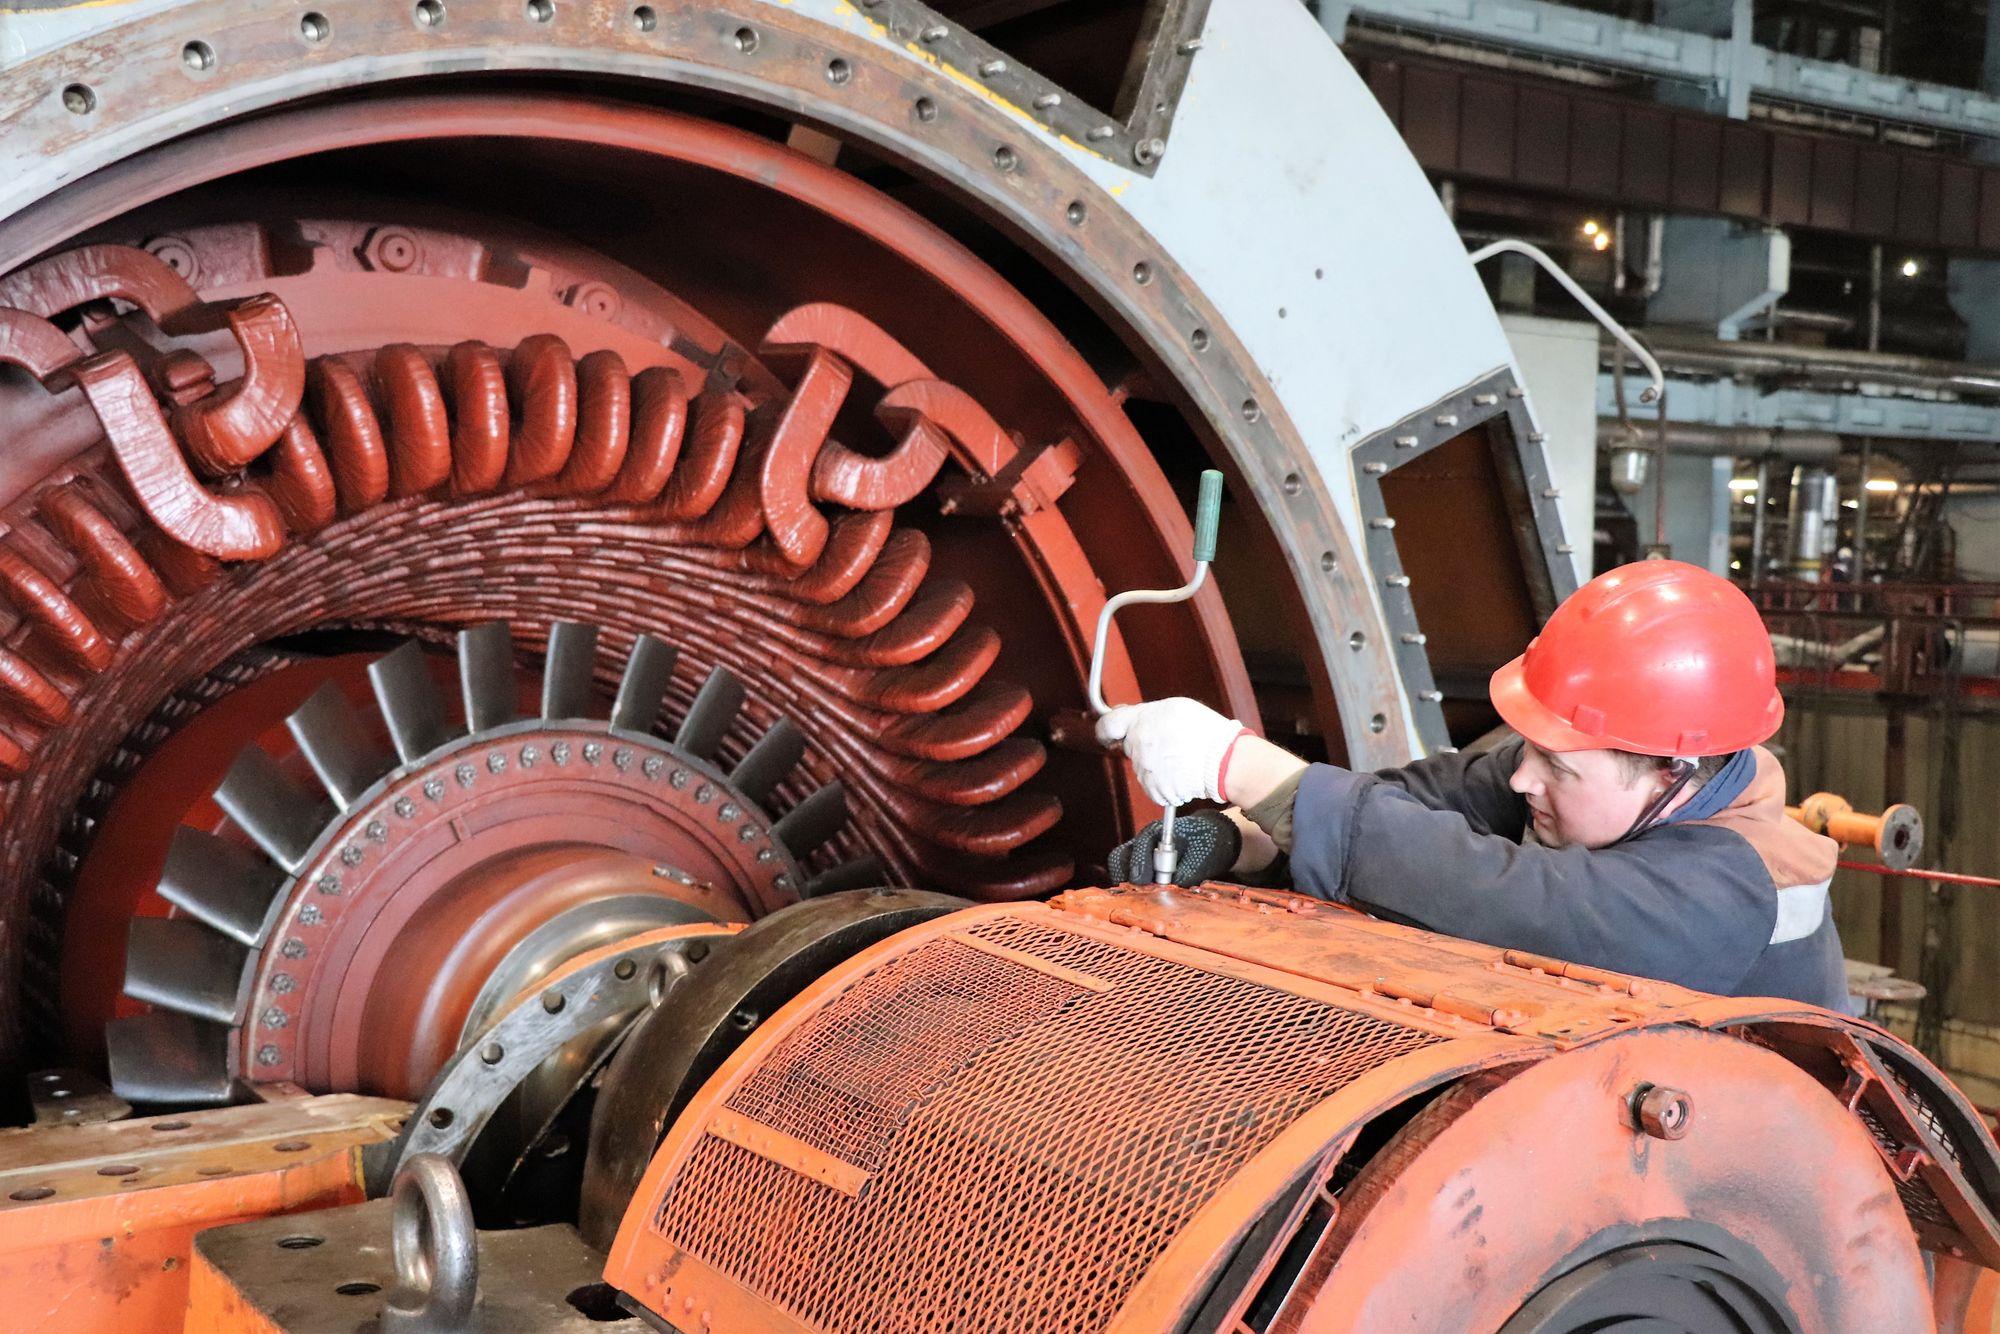 «Т Плюс» полностью подготовил оборудование кировских ТЭЦ к зимним нагрузкам